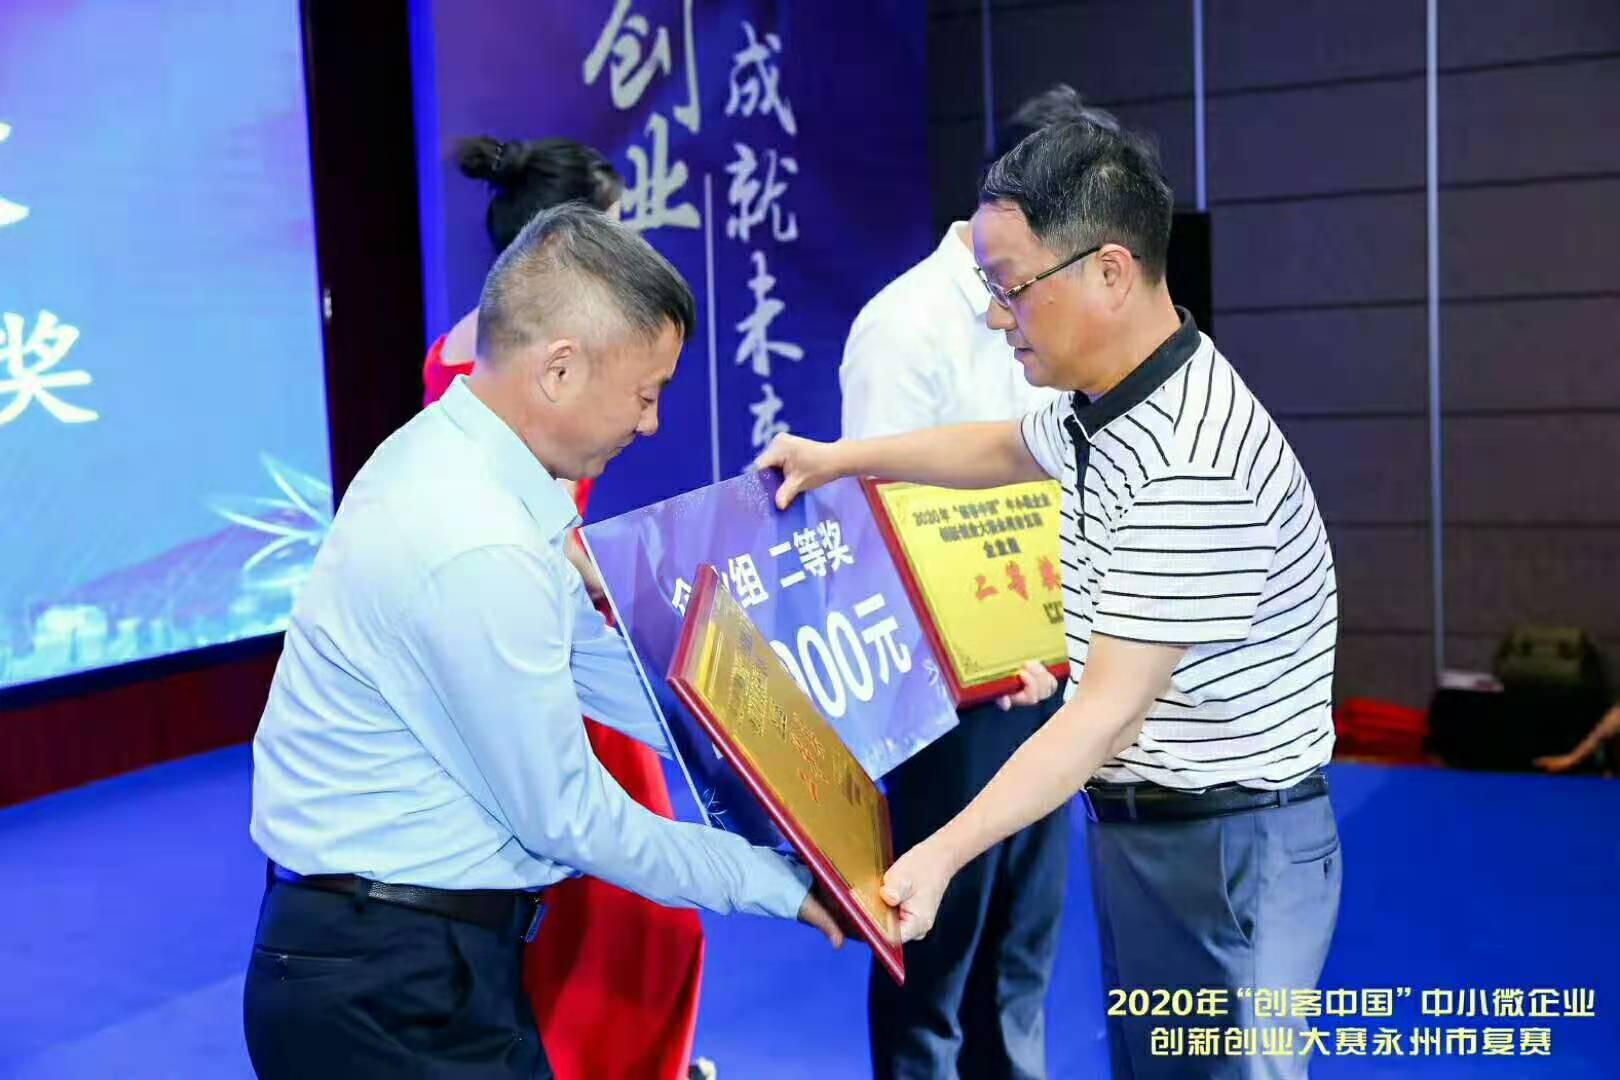 大事記6:2020年榮獲永州市第四屆創新創業大賽二等獎